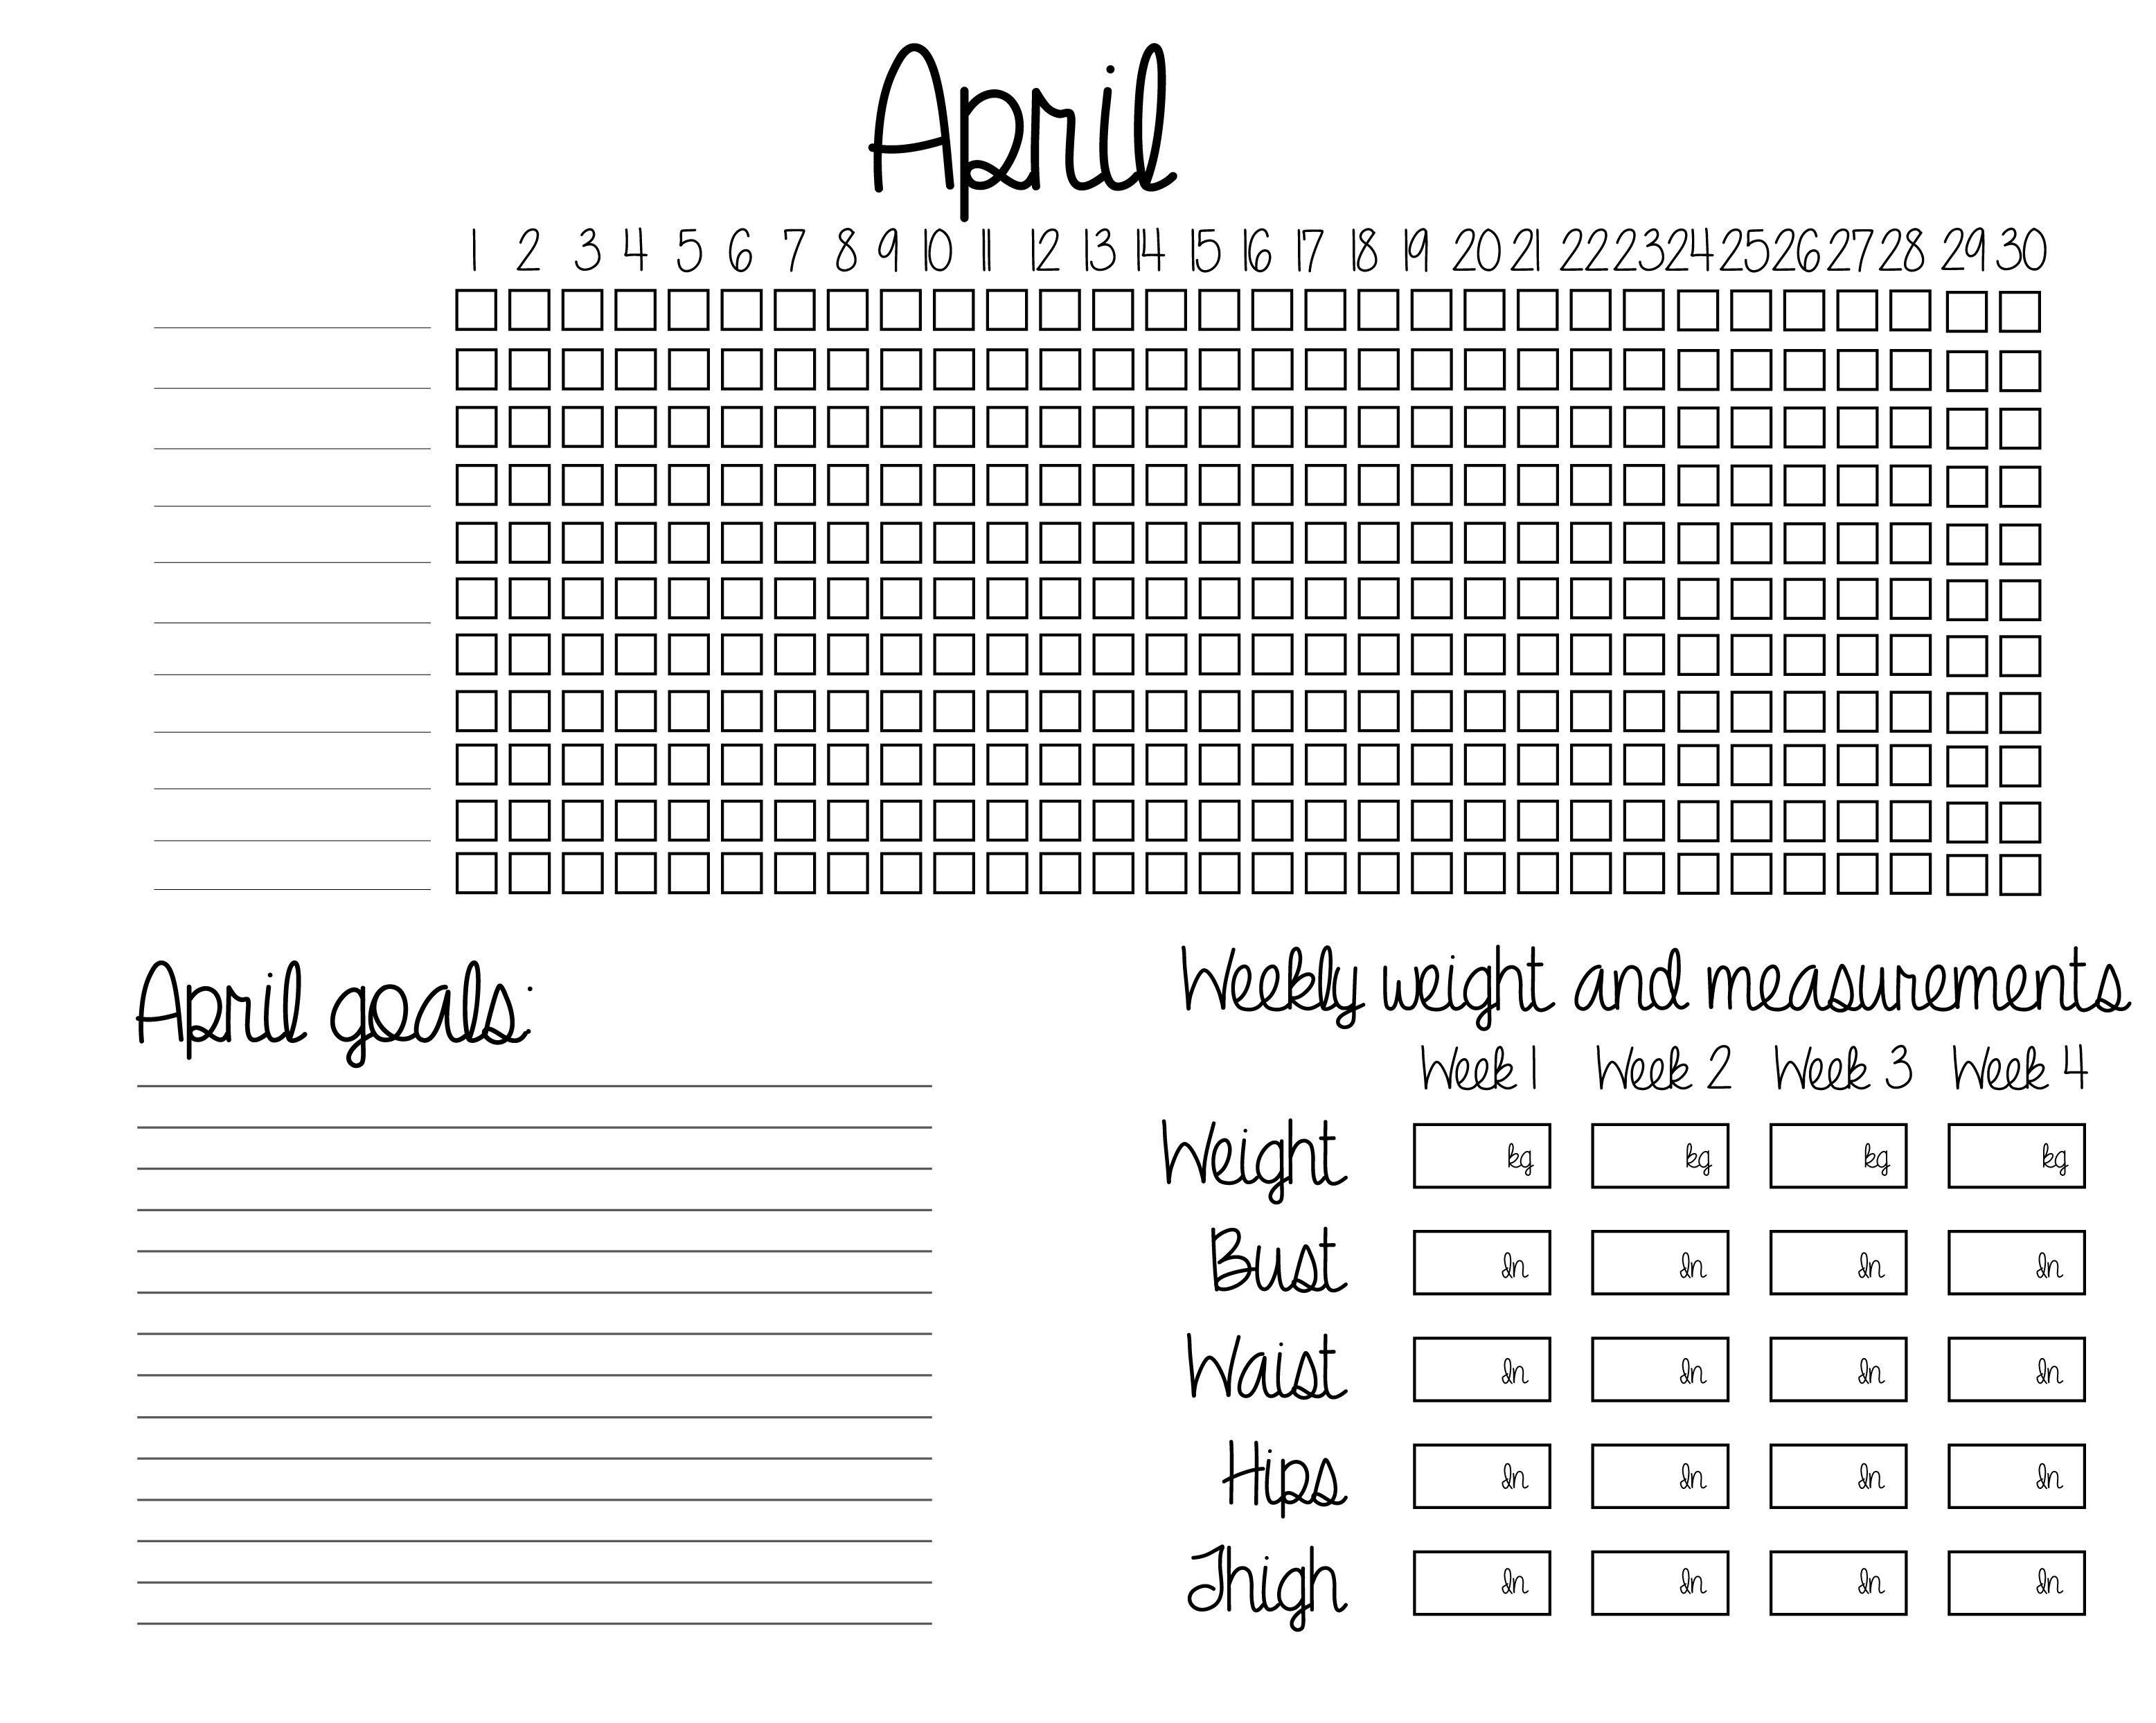 Pin On Weight Loss Goals Calendar